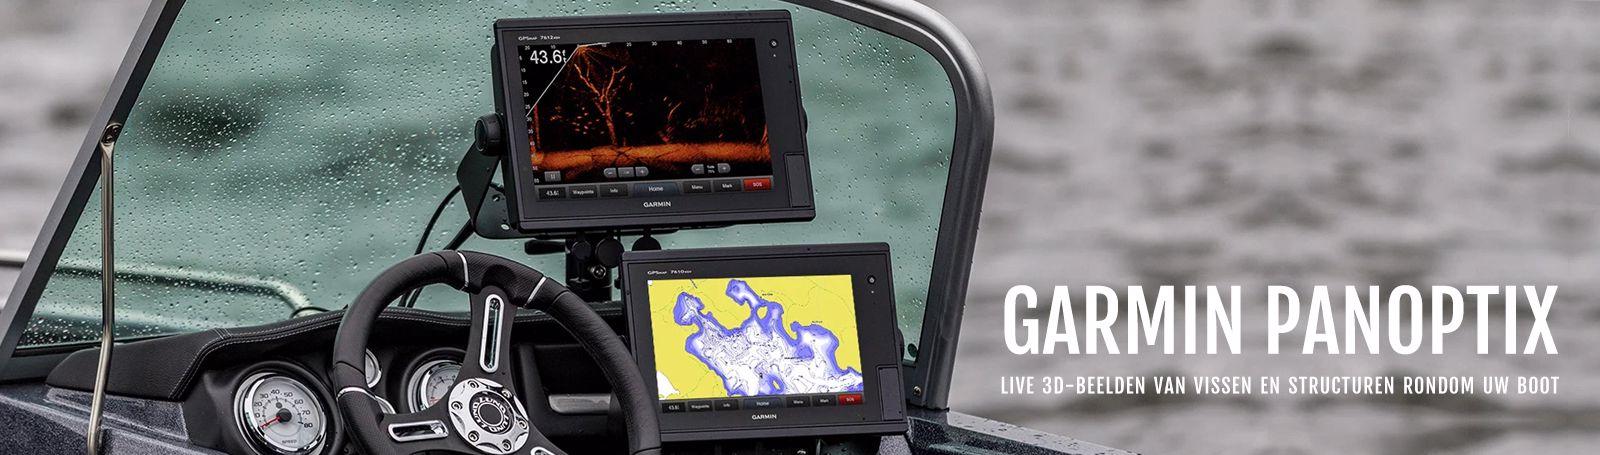 Bekijk live 3D-beelden van vissen en structuren rondom uw boot met Garmin Panoptix